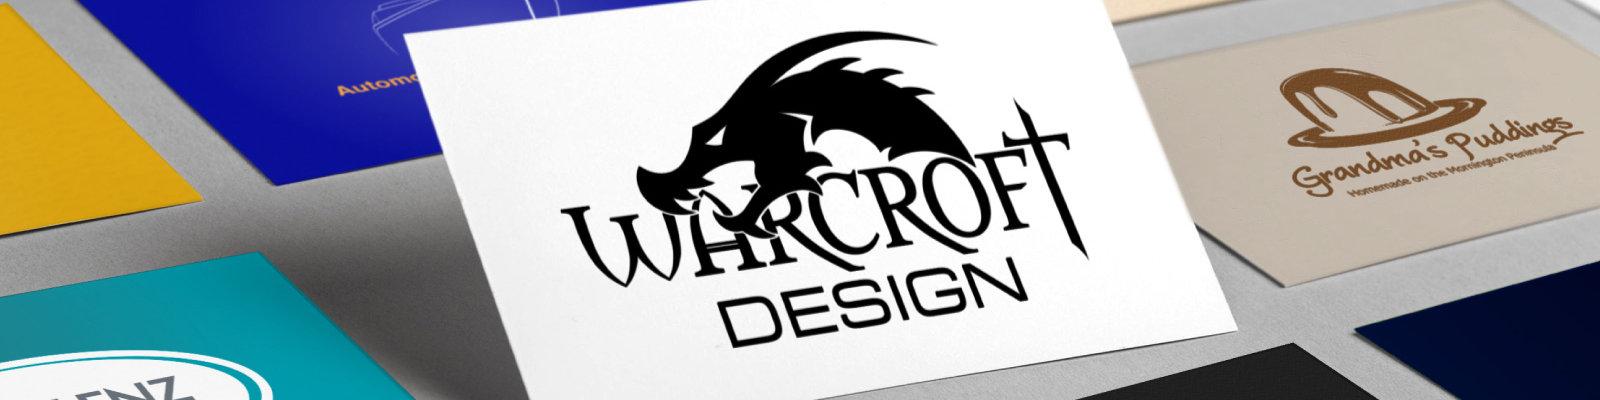 Warcroft Design Print Installation